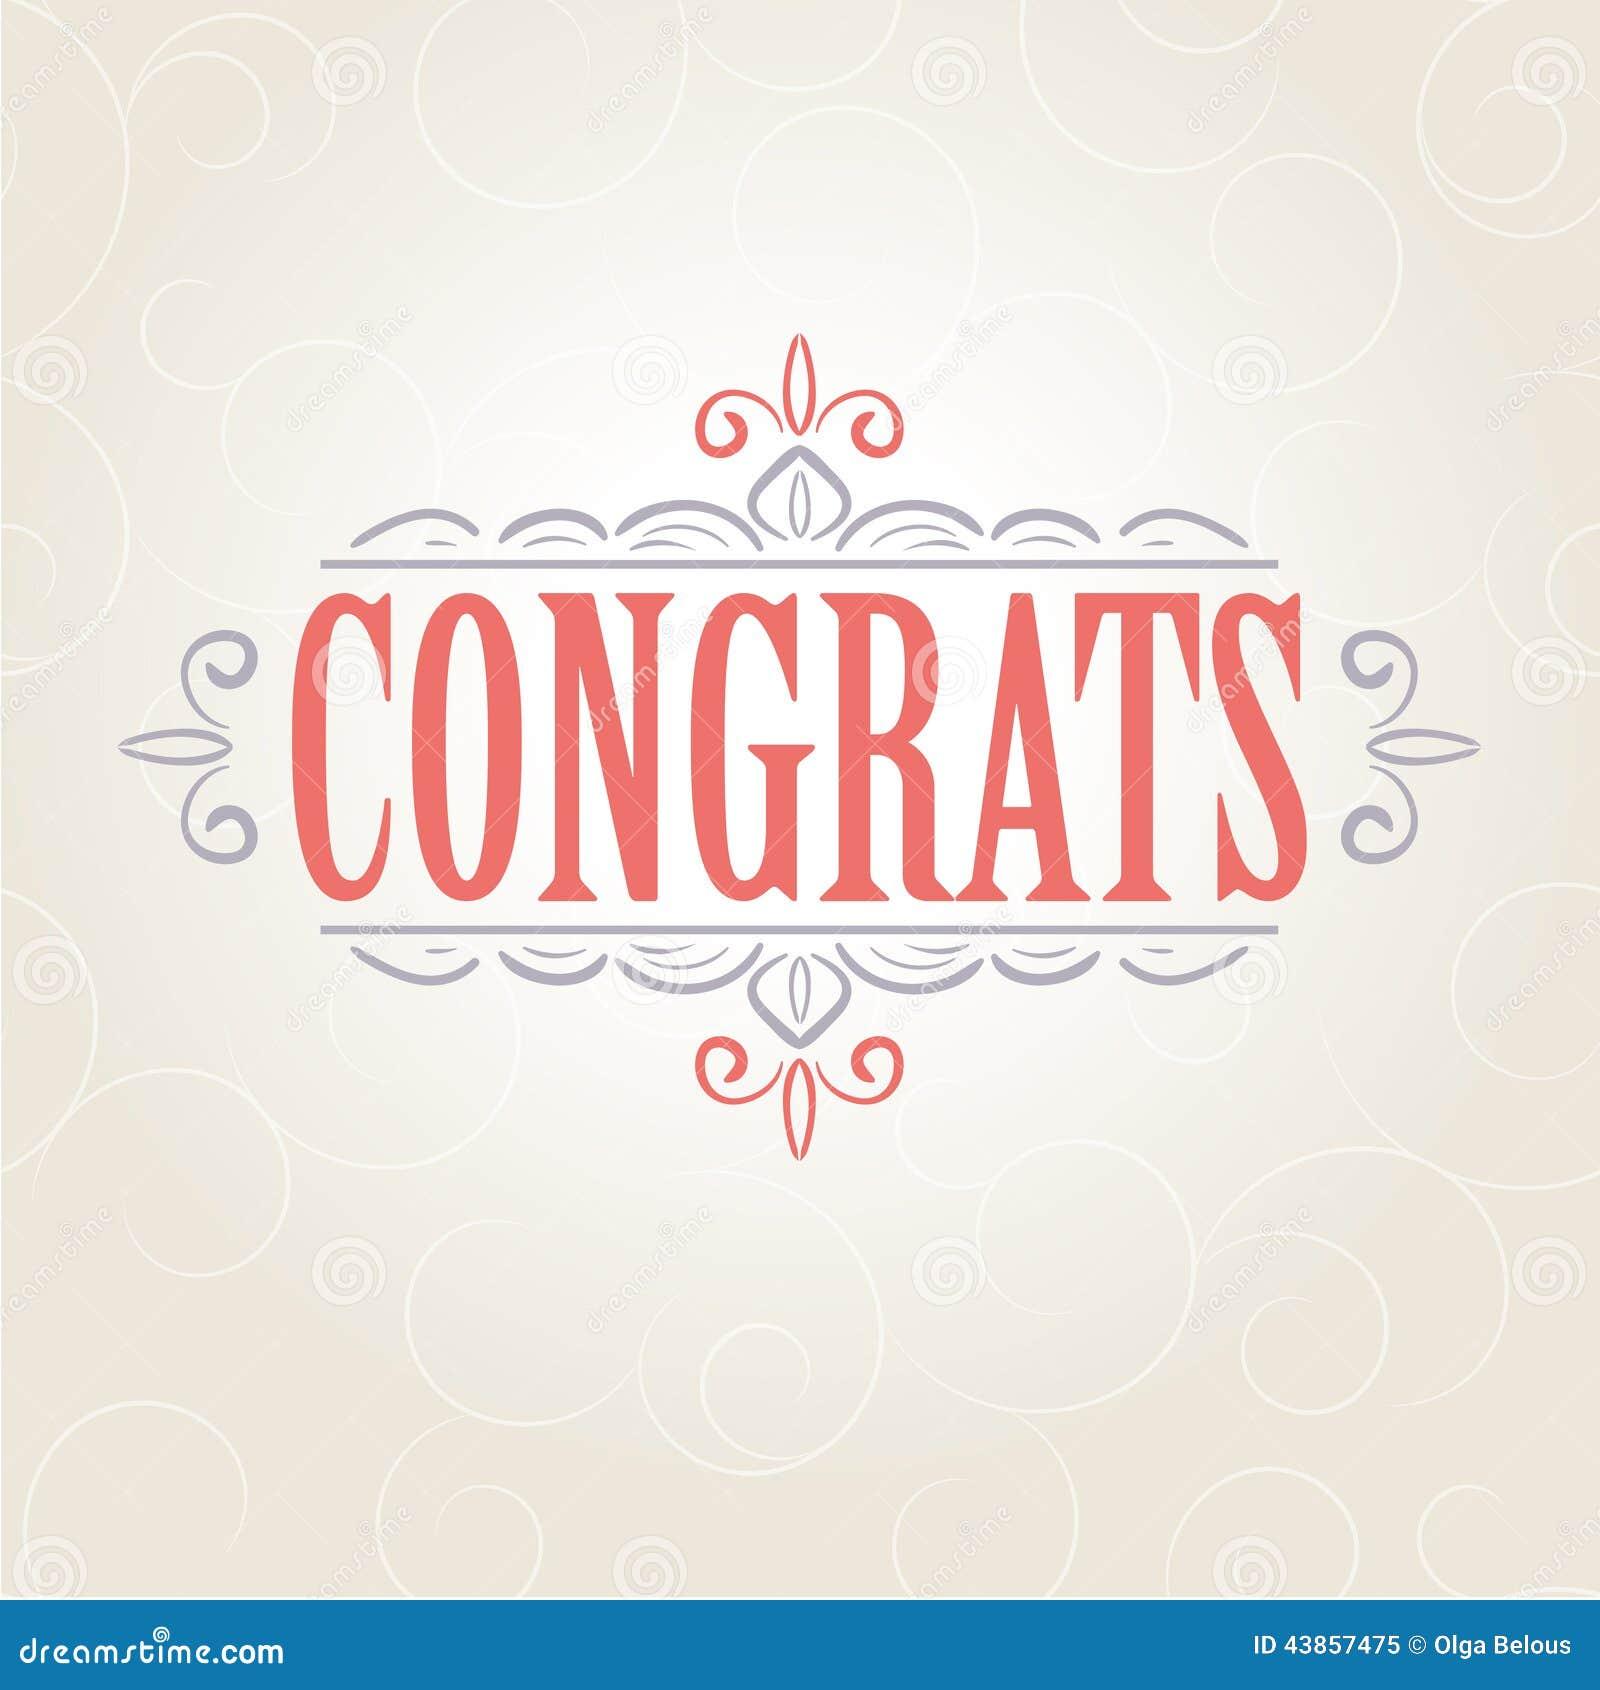 Vector Vintage Congratulations Card Stock Vector - Image ...